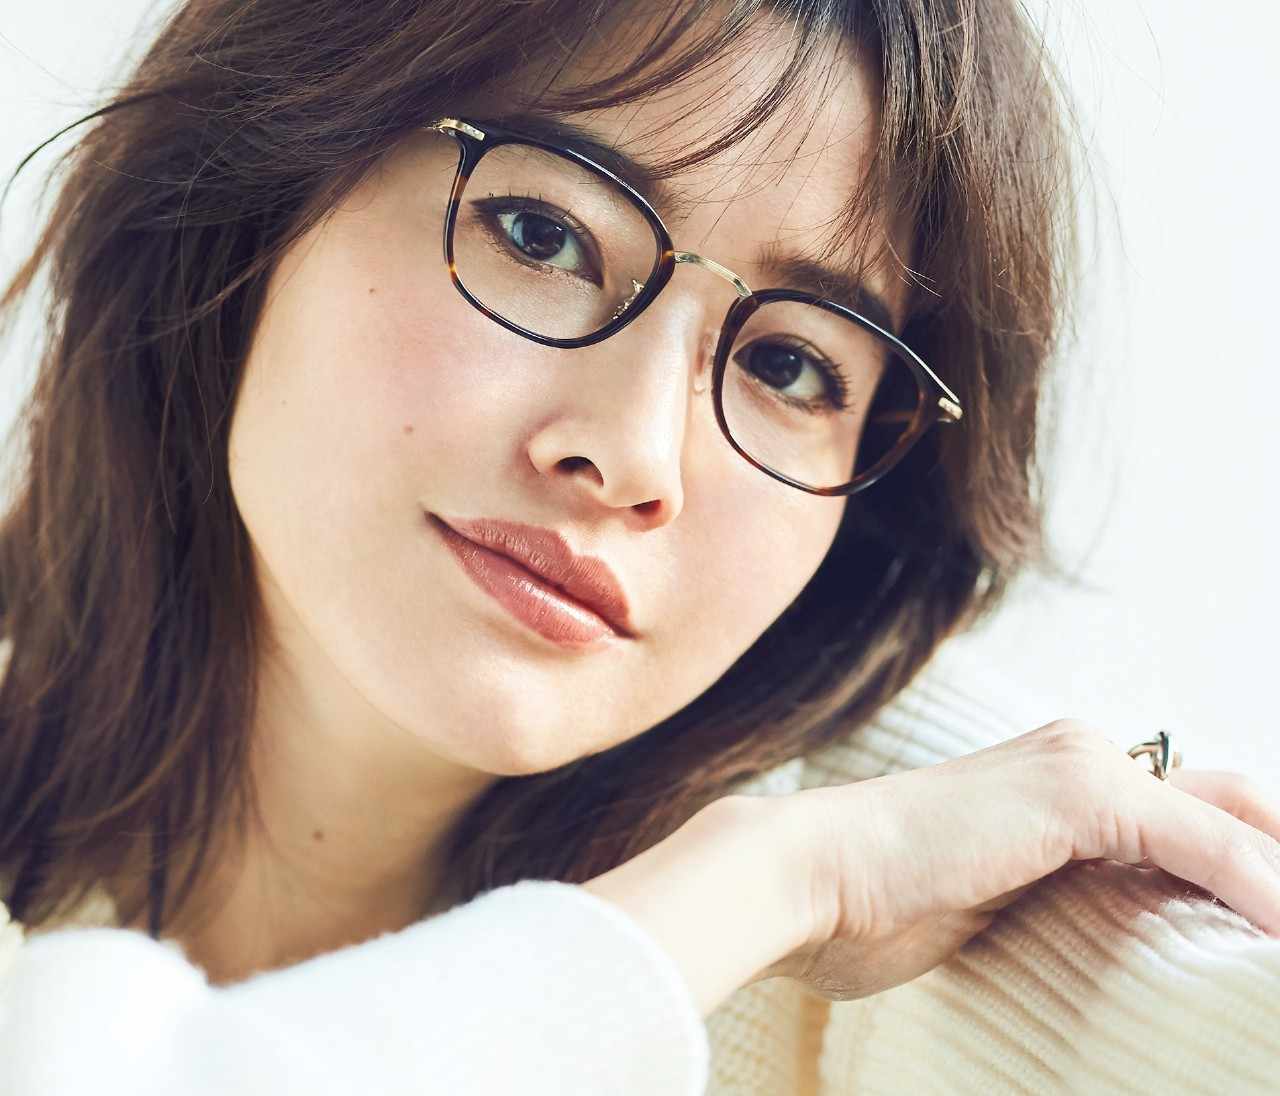 【美人メガネまとめ】顔立ちに似合うメガネを選んで美人見え!